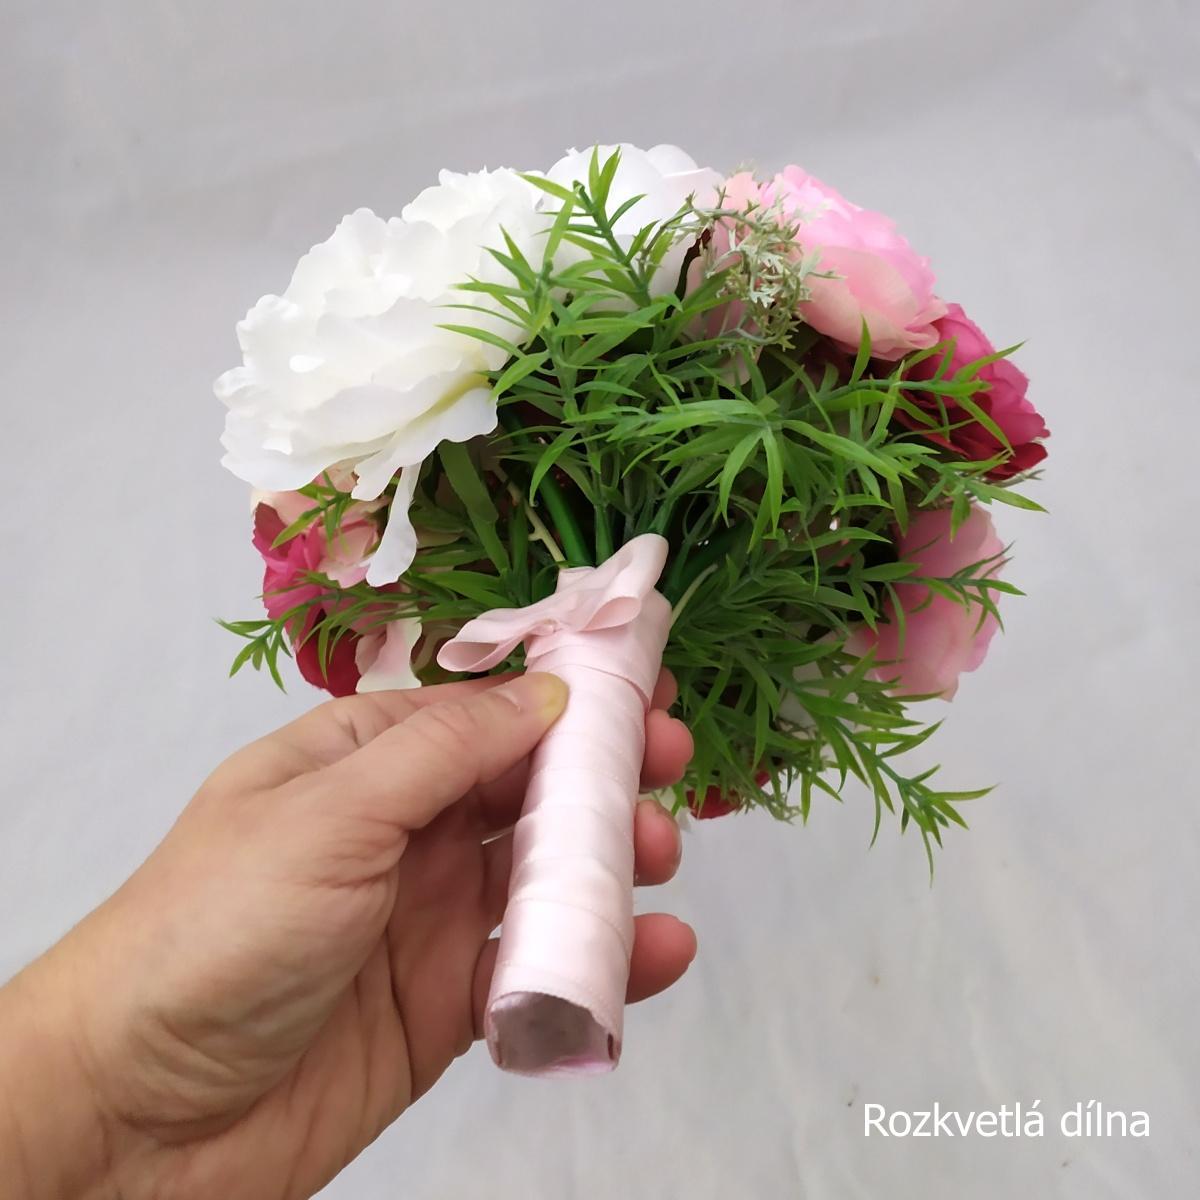 Romantická v růžové, umělá kytice - Obrázek č. 4